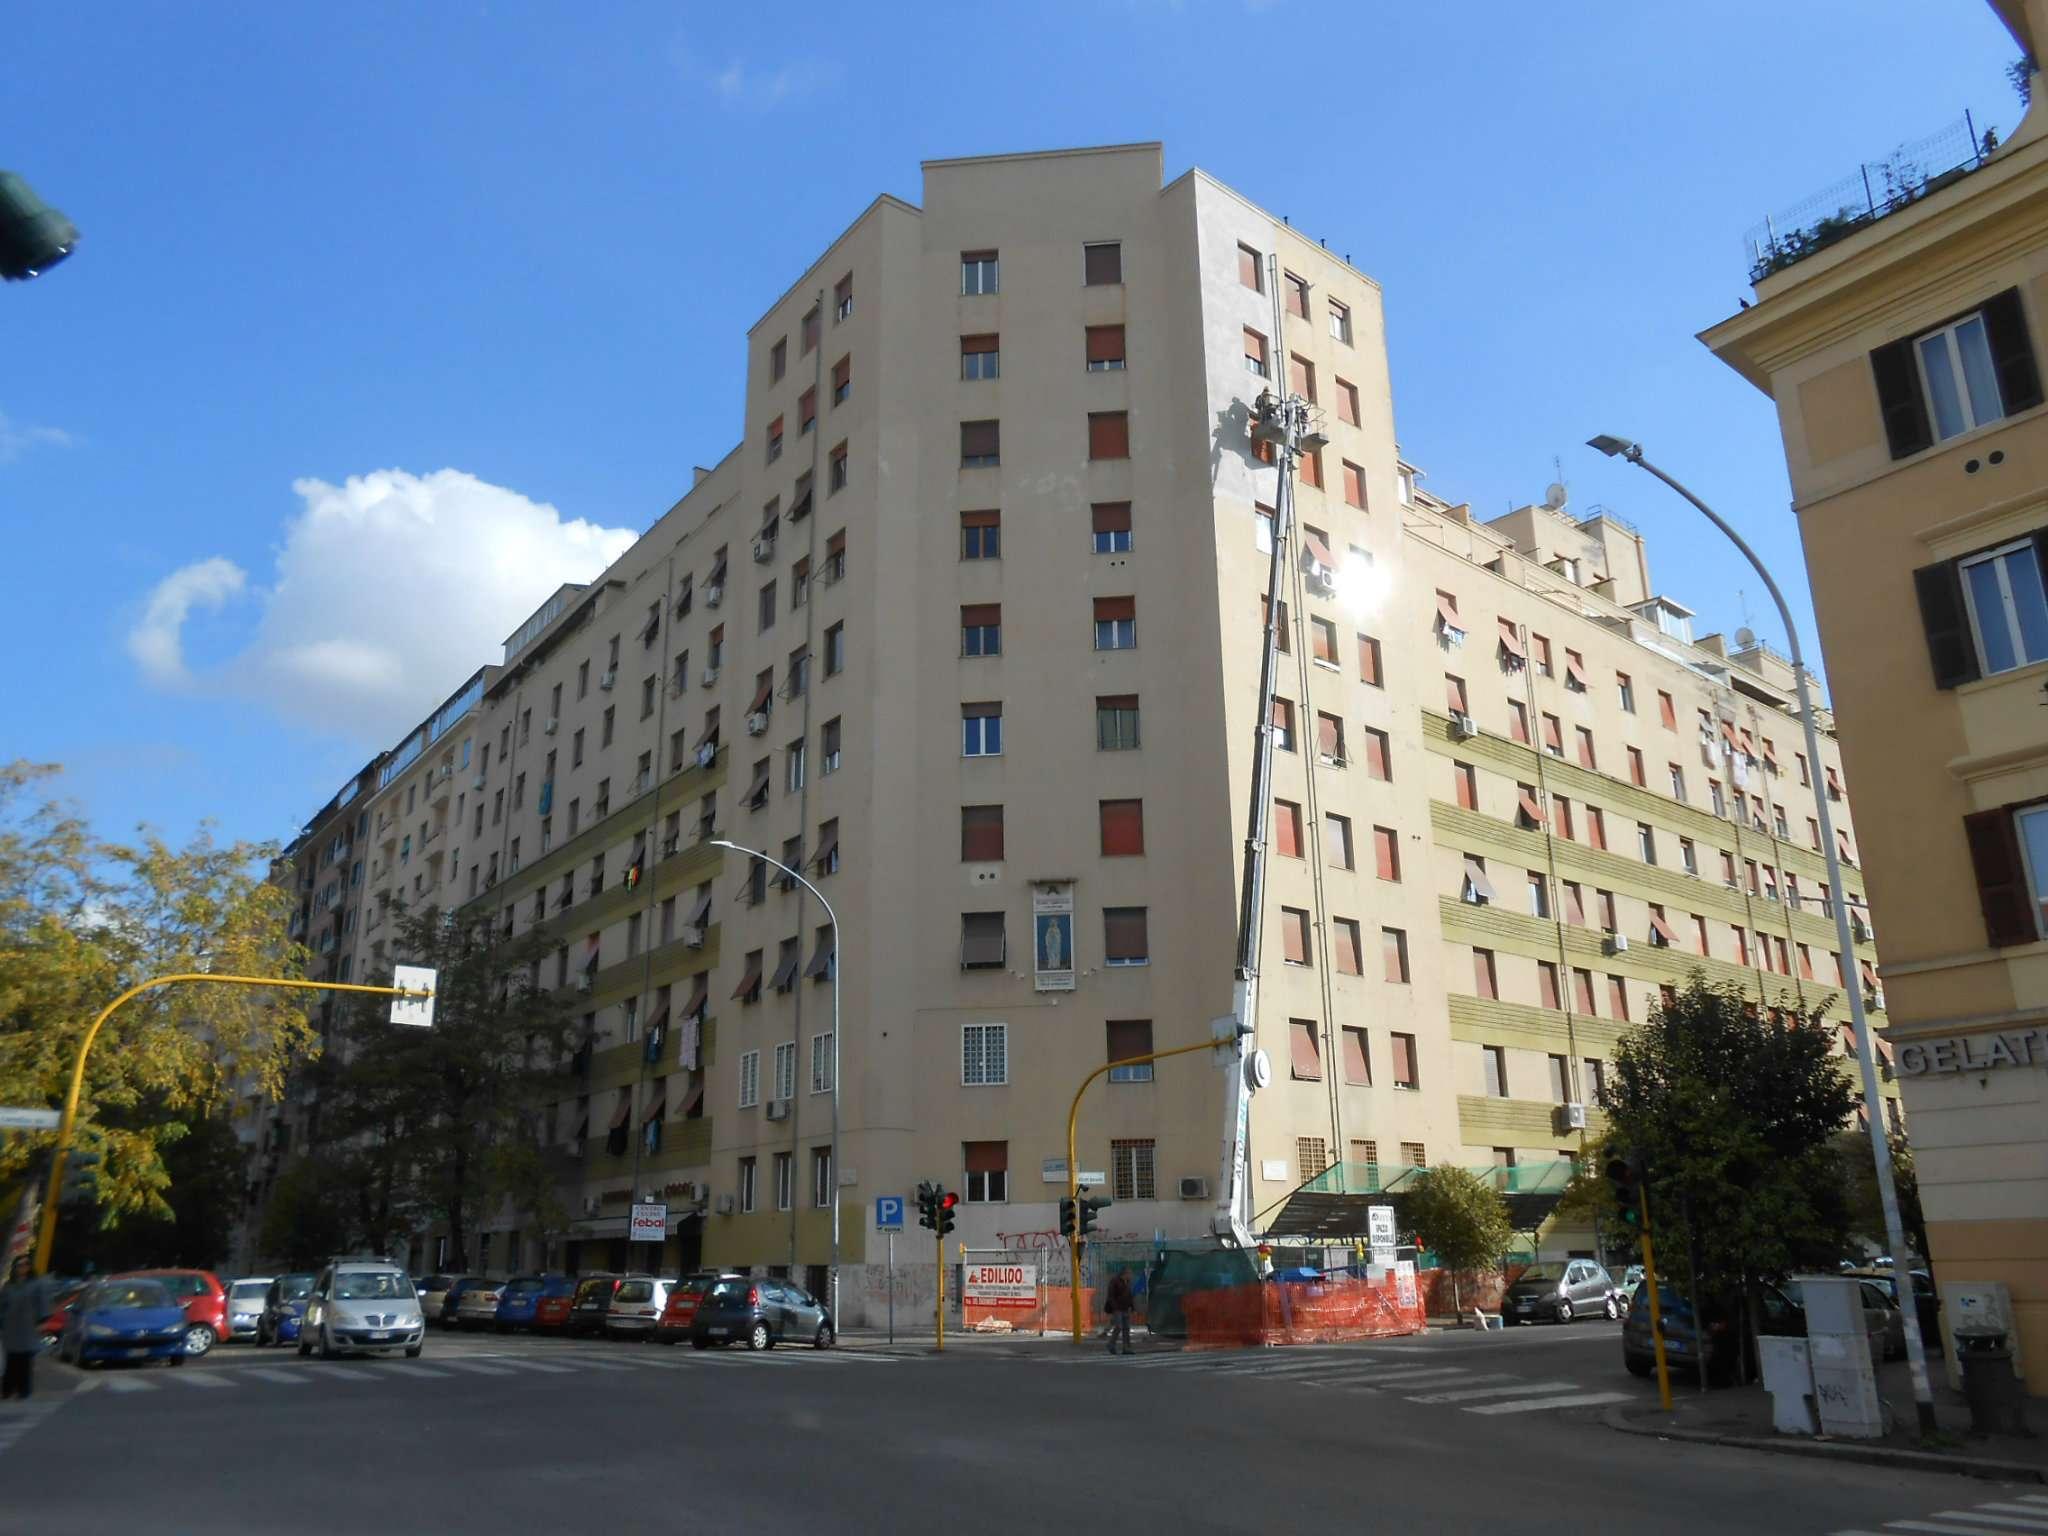 Appartamento in vendita a Roma, 3 locali, zona Zona: 15 . Appio Latino, Appia Antica, Furio Camillo, Alberone, prezzo € 330.000 | CambioCasa.it